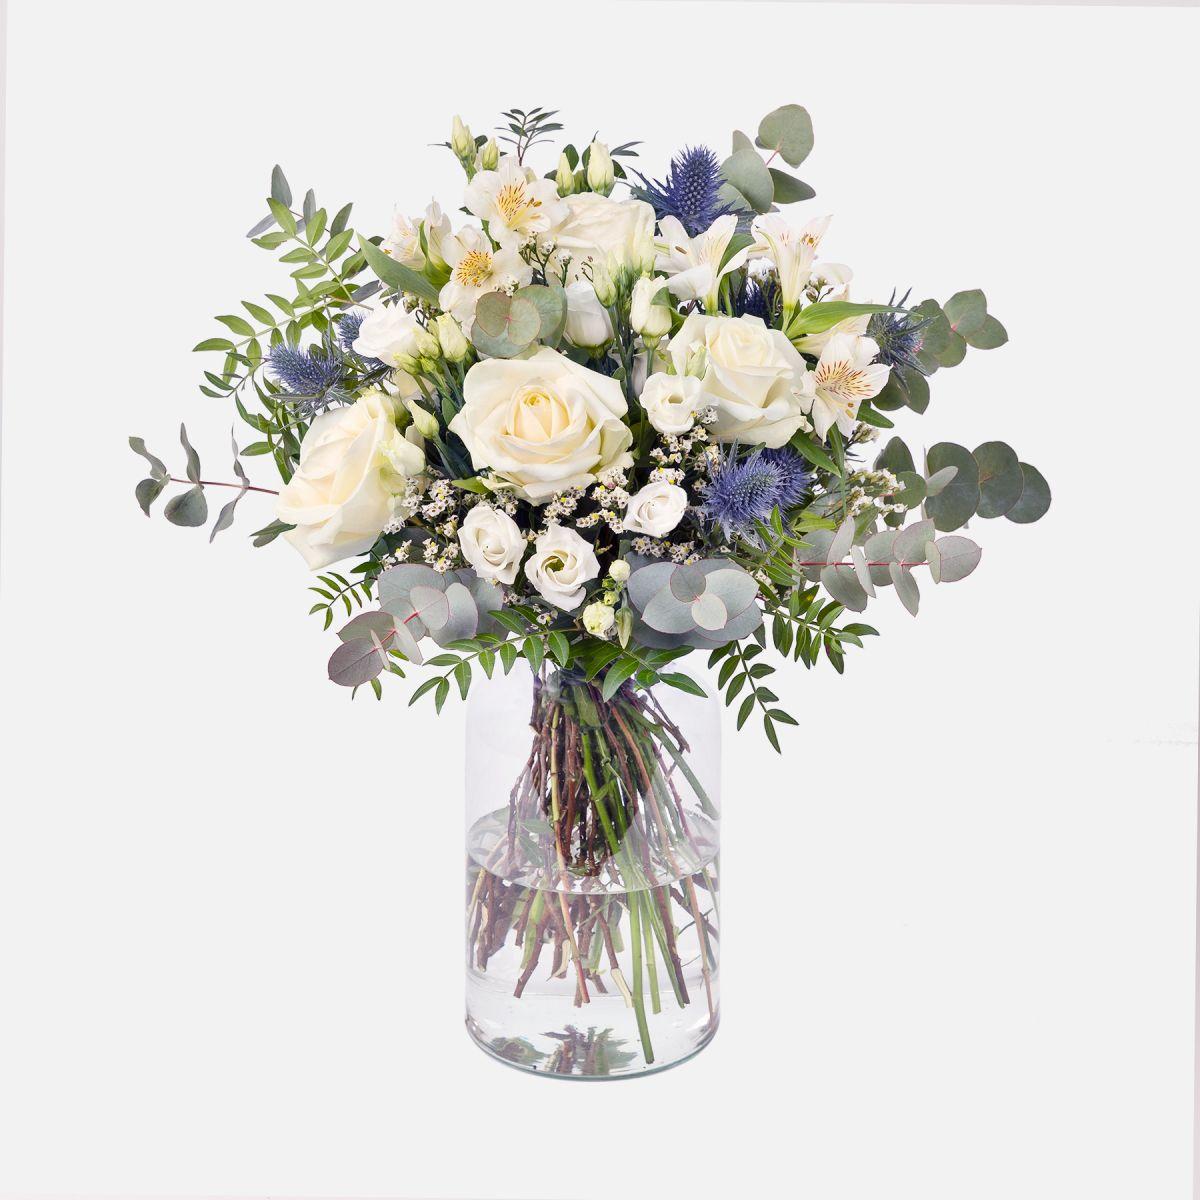 Mazzo di Fiori di Rose Bianche e Alstroemeria - Essence - Fiori a domicilio - Colvin